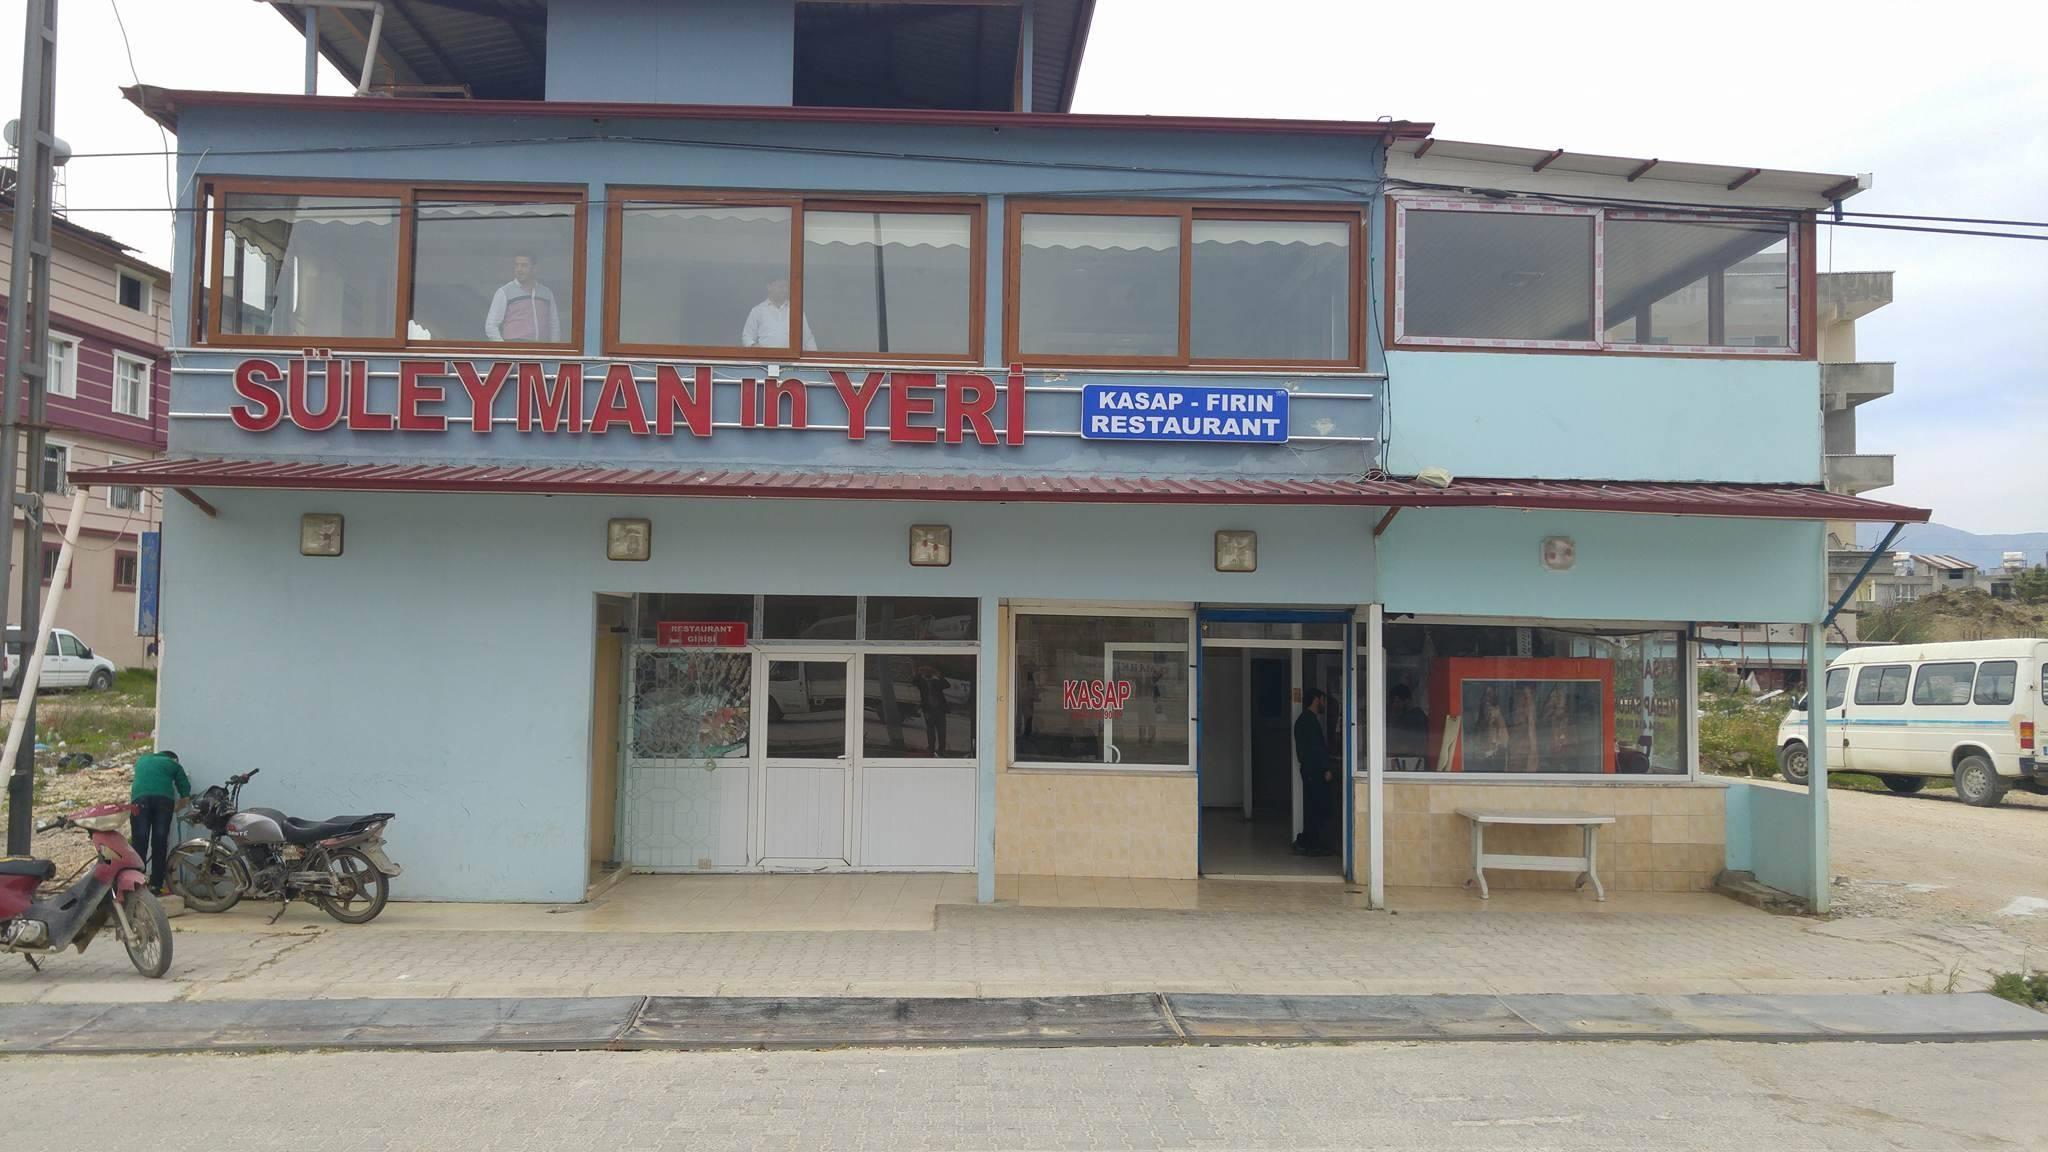 Süleymanın Yeri Kasap Fırın Ve Restaurant